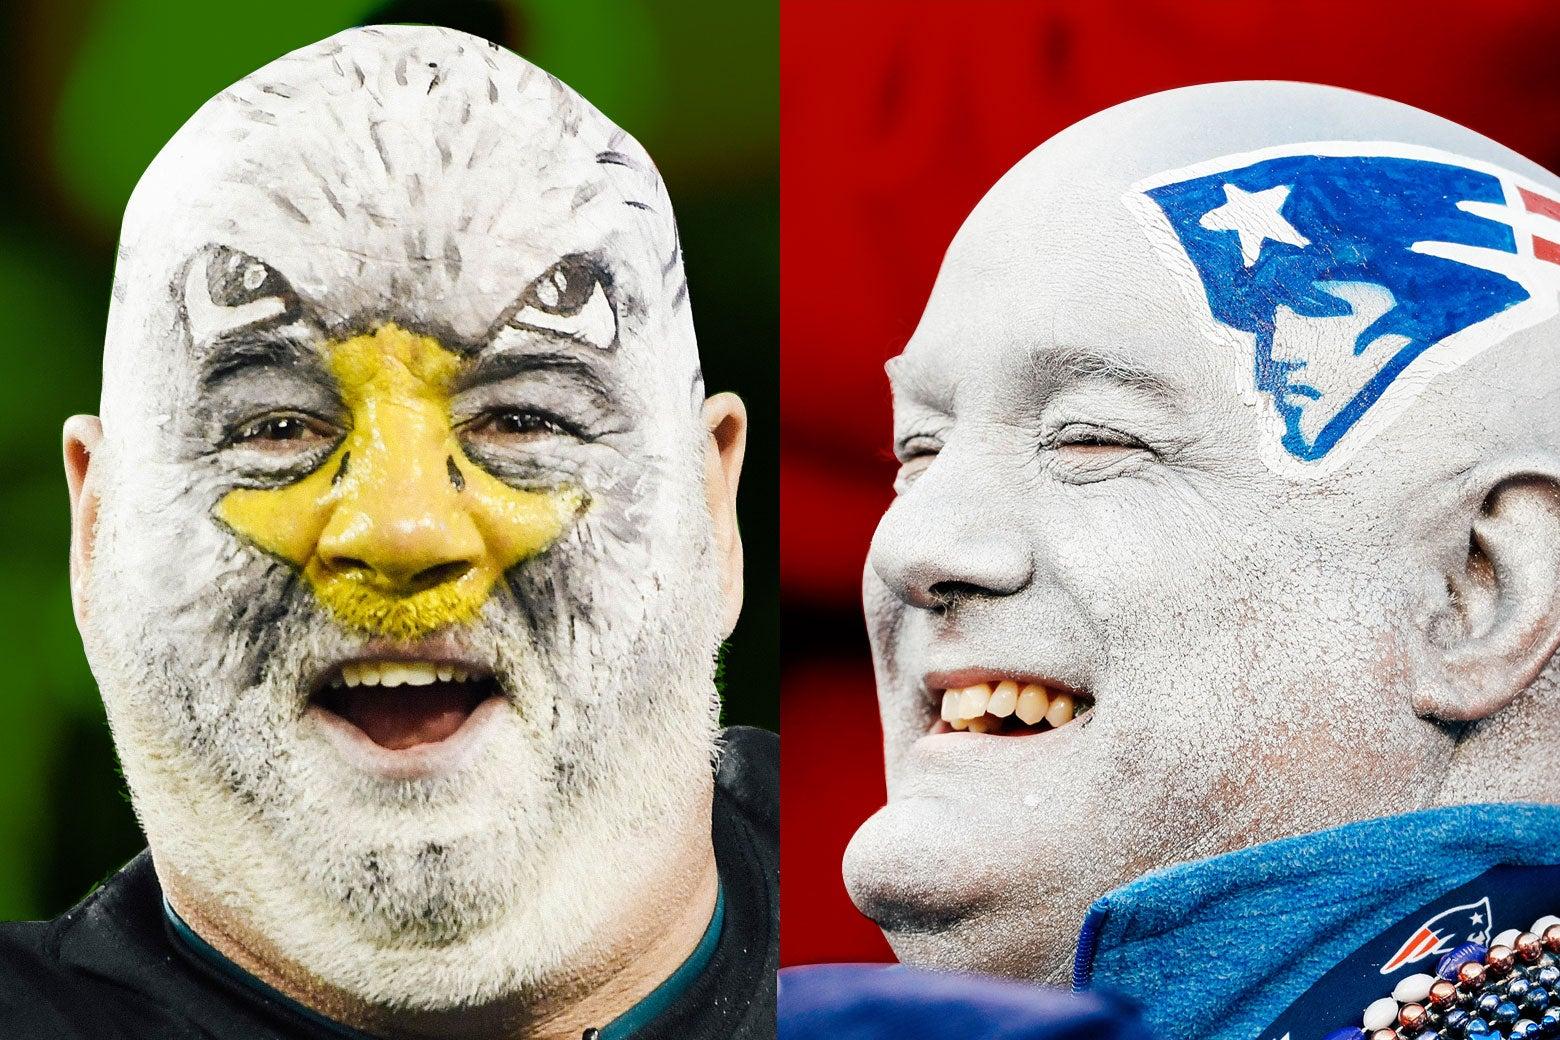 Philadelphia Eagles fan and New England Patriots fan.